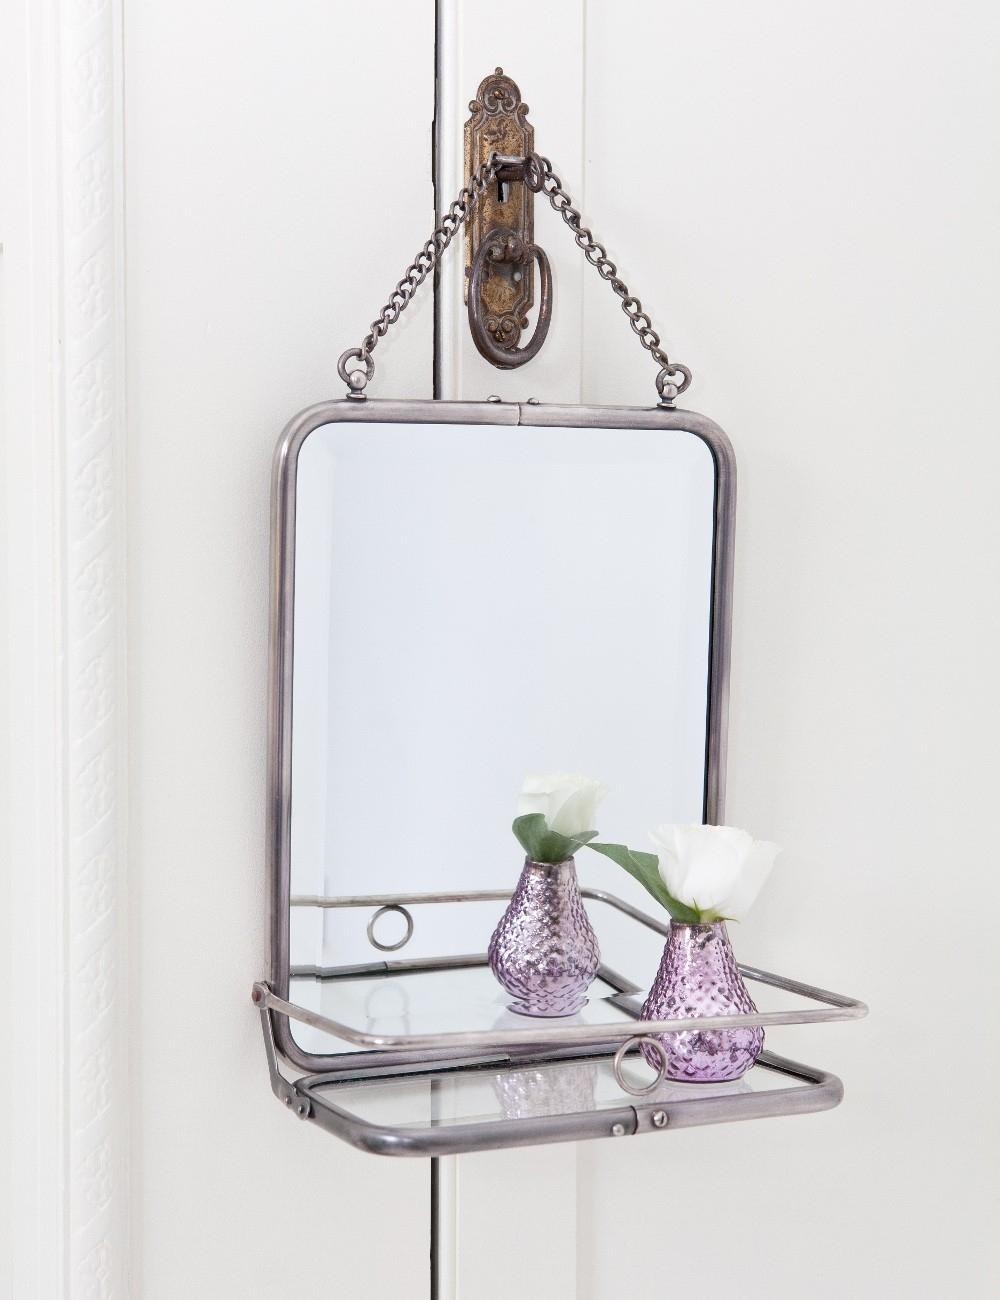 15 French Style Bathroom Mirror Mirror Ideas